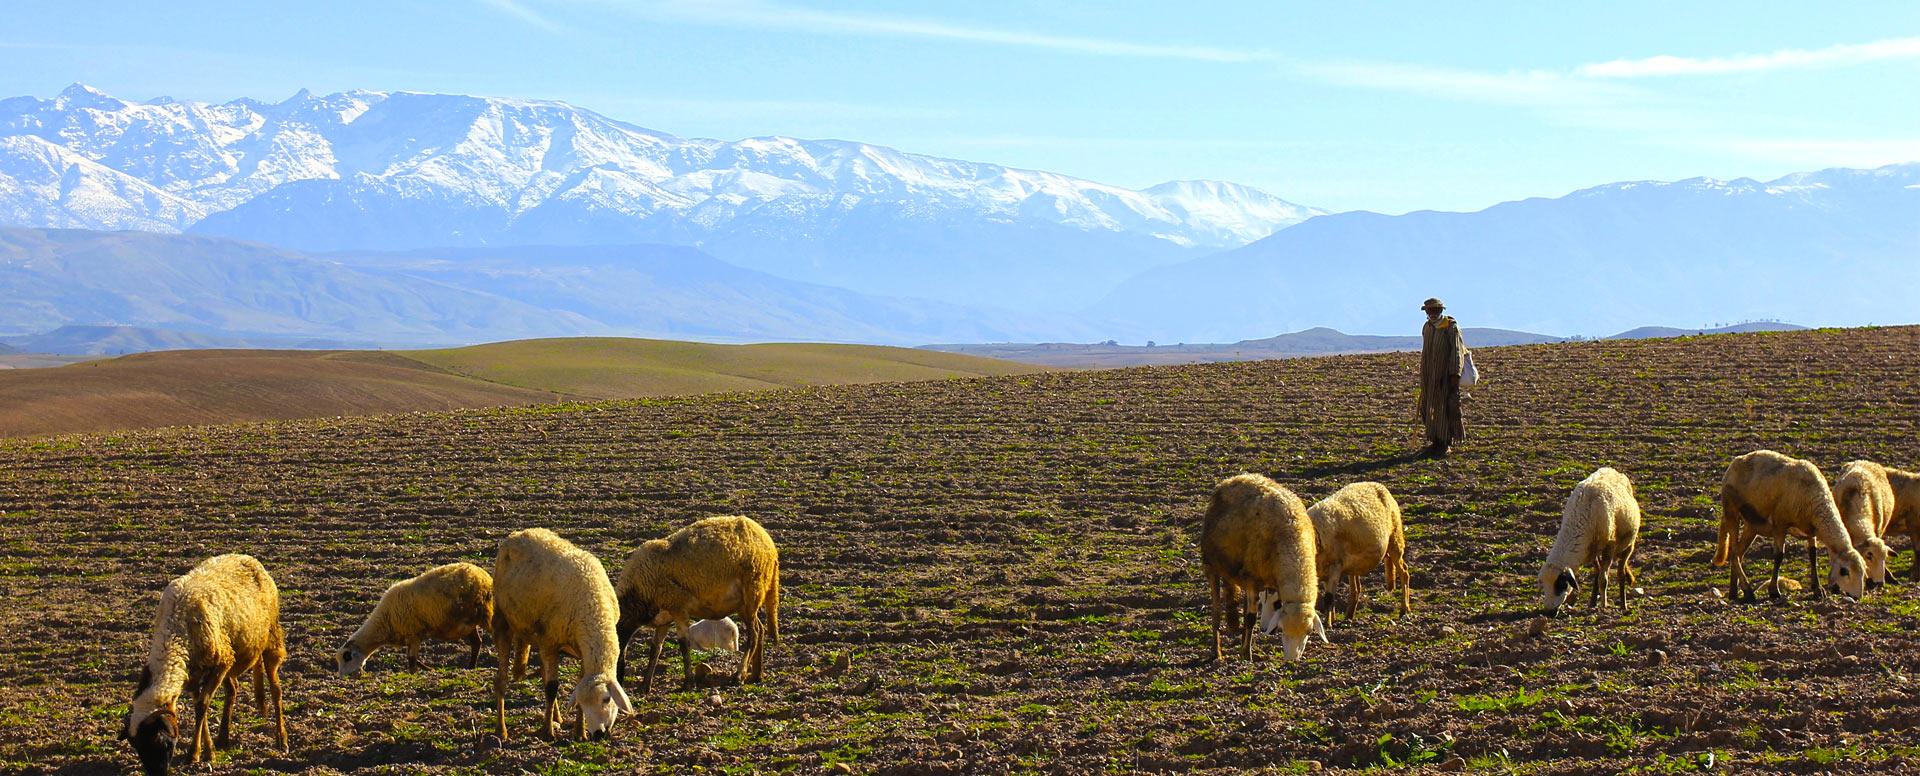 8. Faire une excursion dans les montagnes de l'Atlas - Marrakech